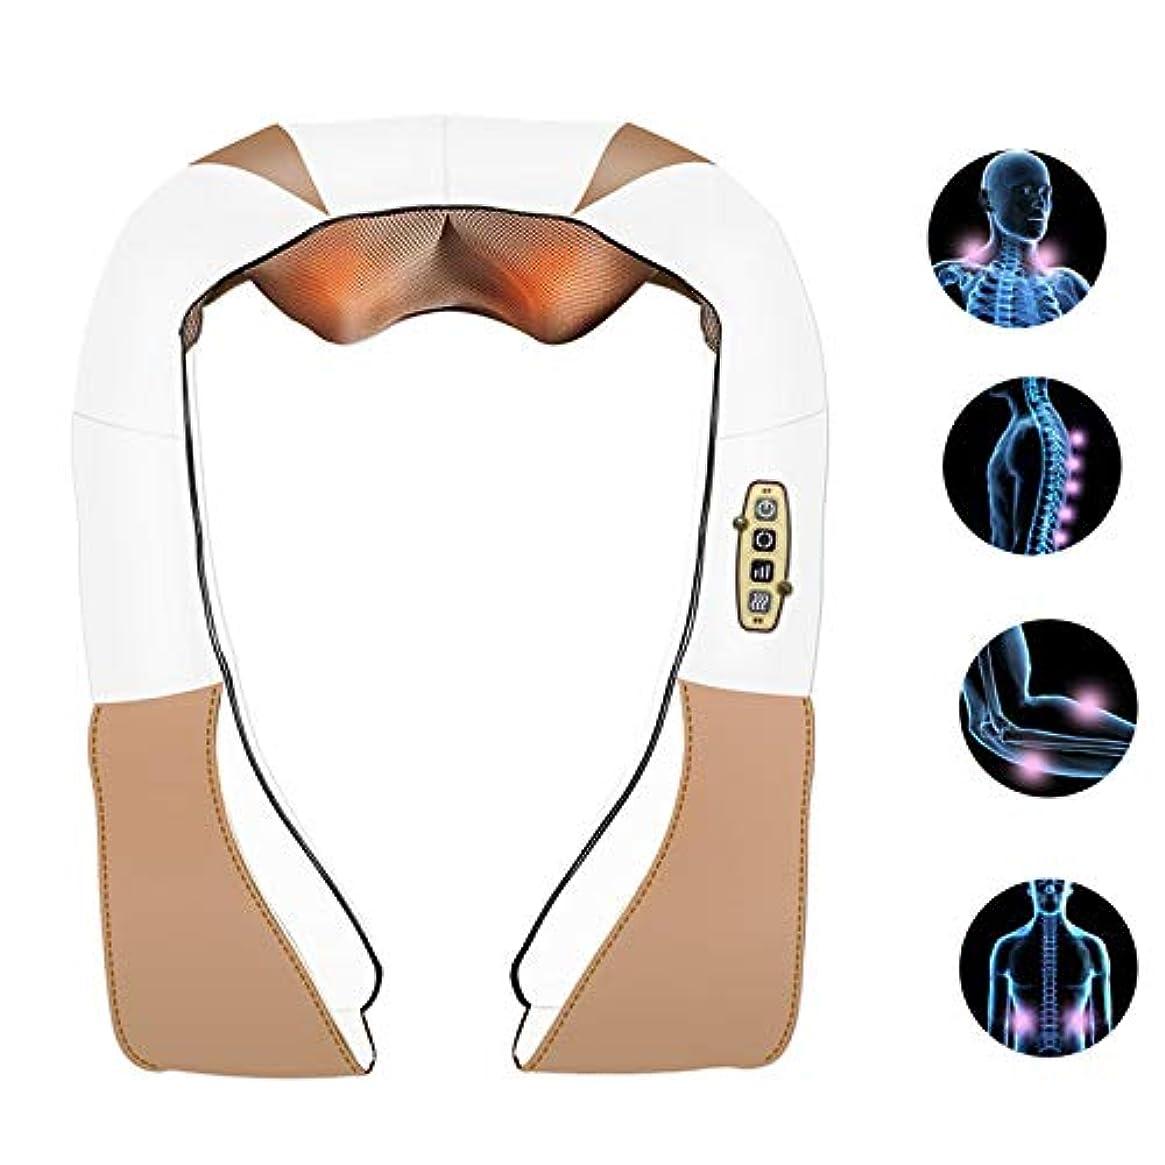 識別観察リラックス深いShiみのティッシュ4Dのステレオのマッサージの二重指の背部および首のマッサージャーの二重低雑音の設計は筋肉苦痛を取り除きます